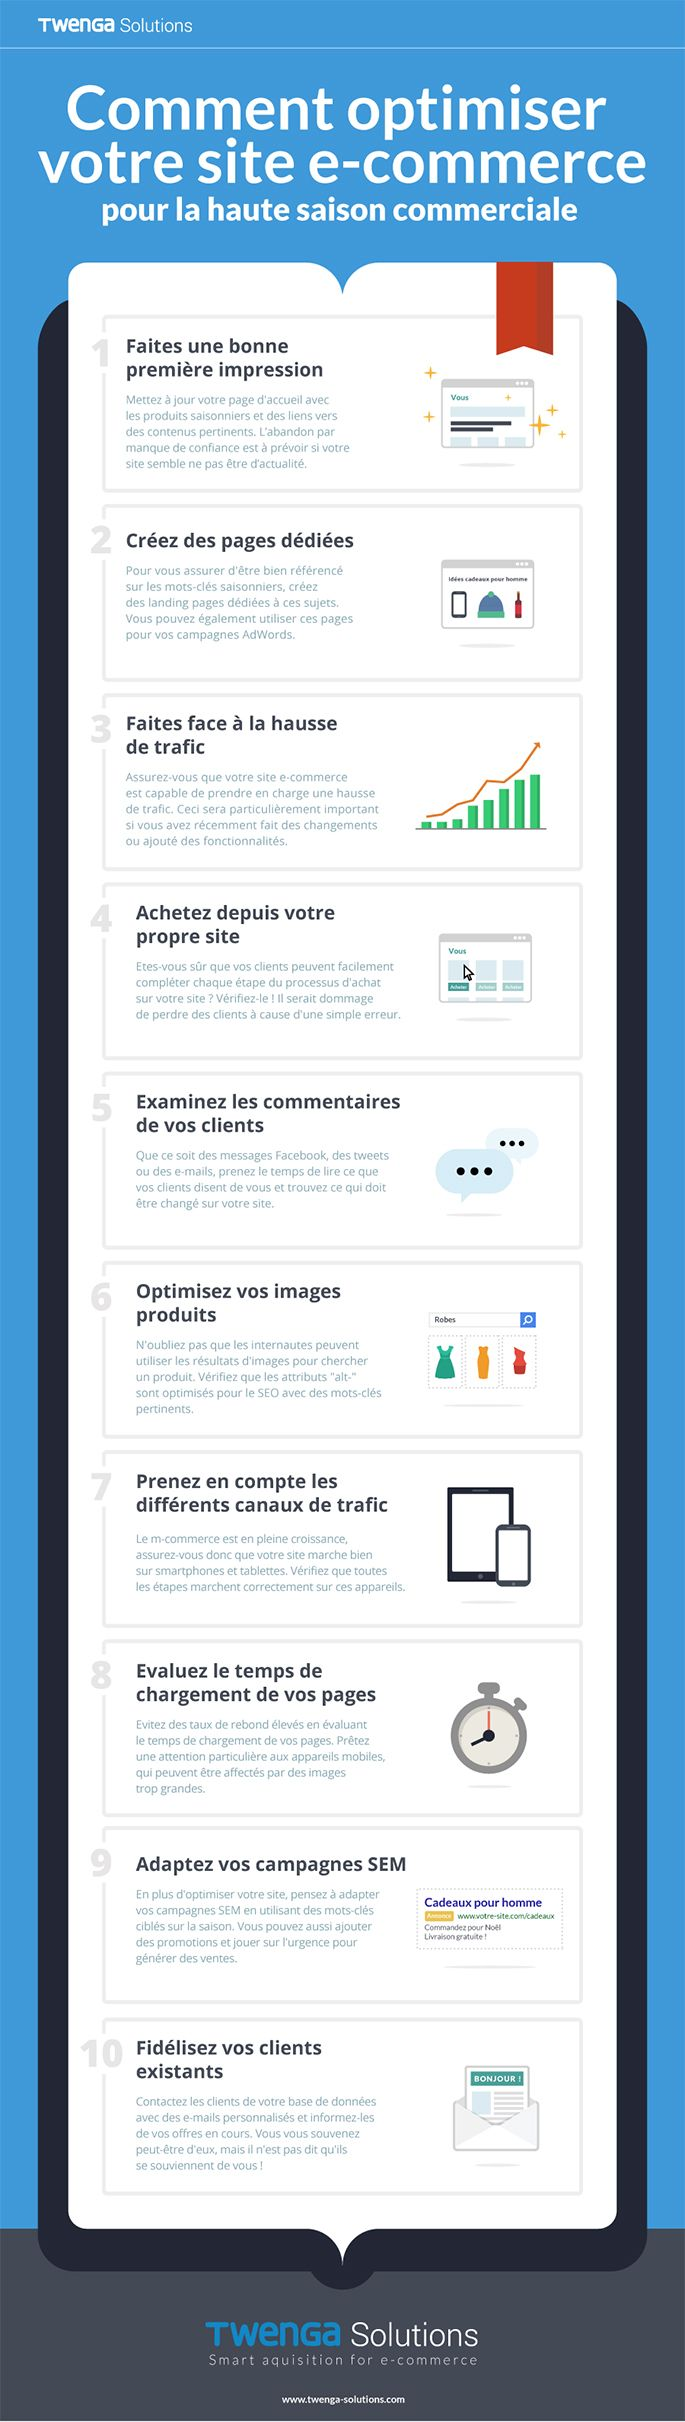 """Infographie """"Comment optimiser votre site e-commerce"""""""